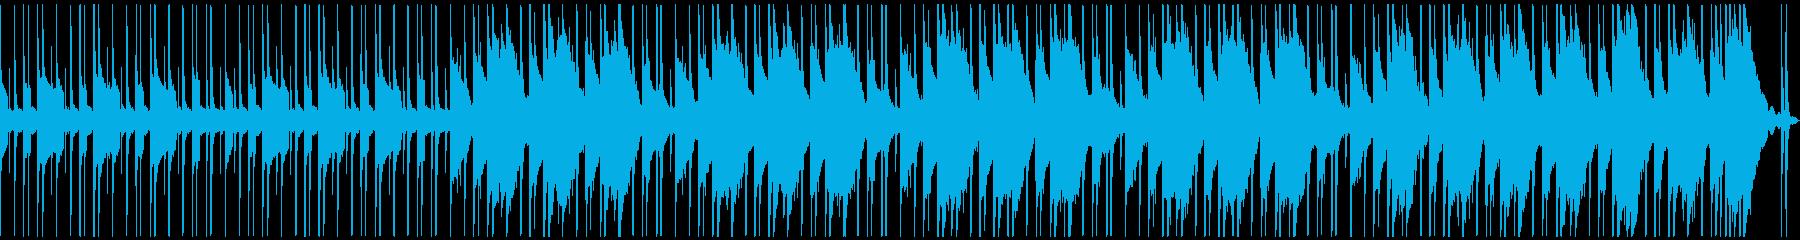 ループ仕様、コミカル、軽快、スウィングの再生済みの波形